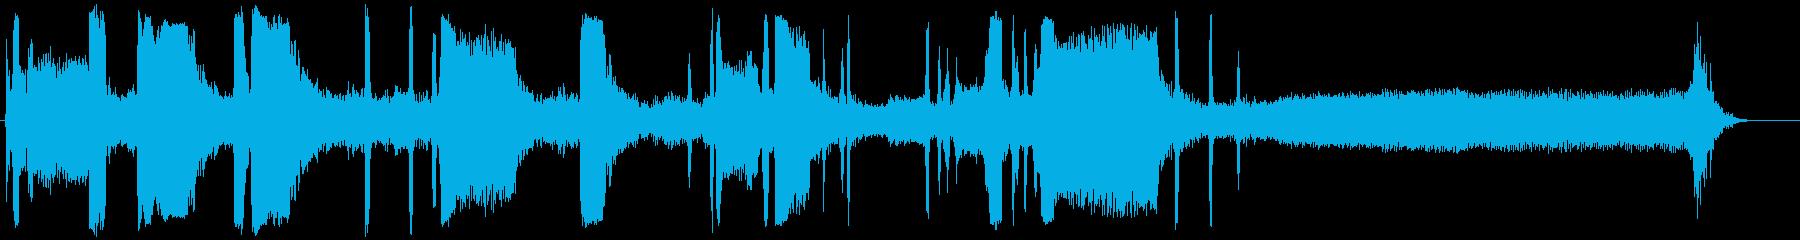 ブルドーザー;開始、改訂、オフ;ブ...の再生済みの波形